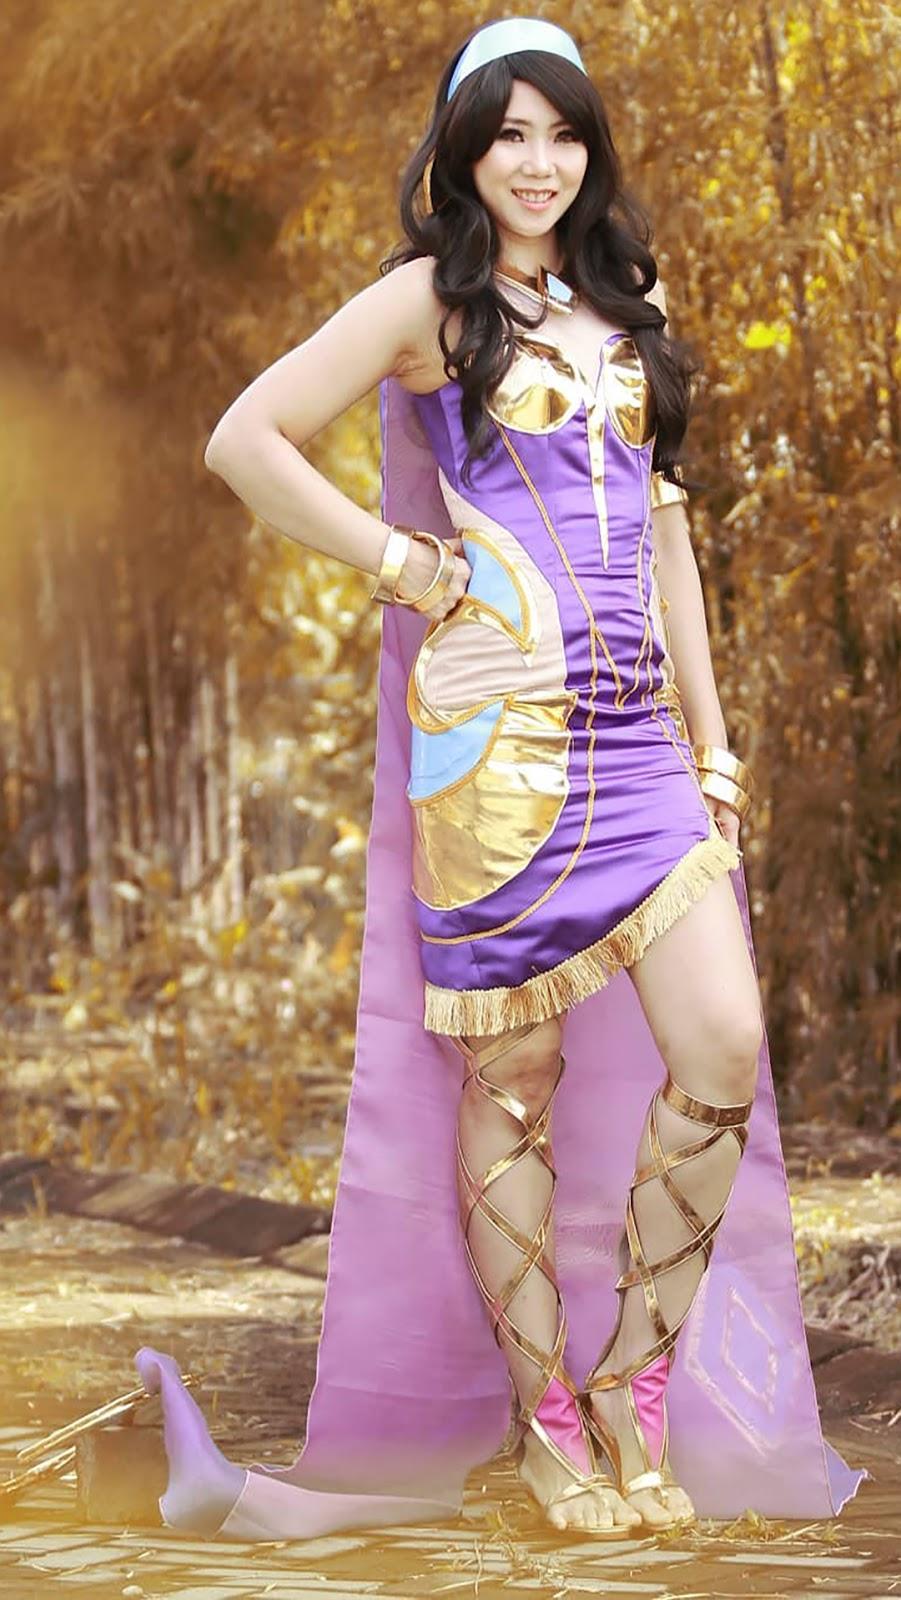 Paha mulus dan seksi Wallpaper Cosplayer Semok Esmeralda